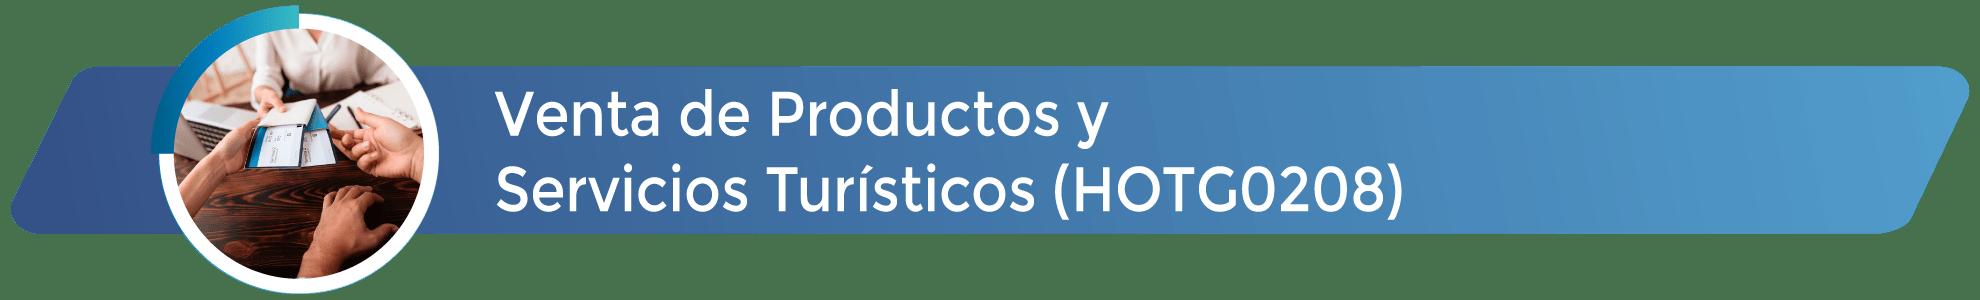 HOTG0208 - Venta de Productos y Servicios Turísticos